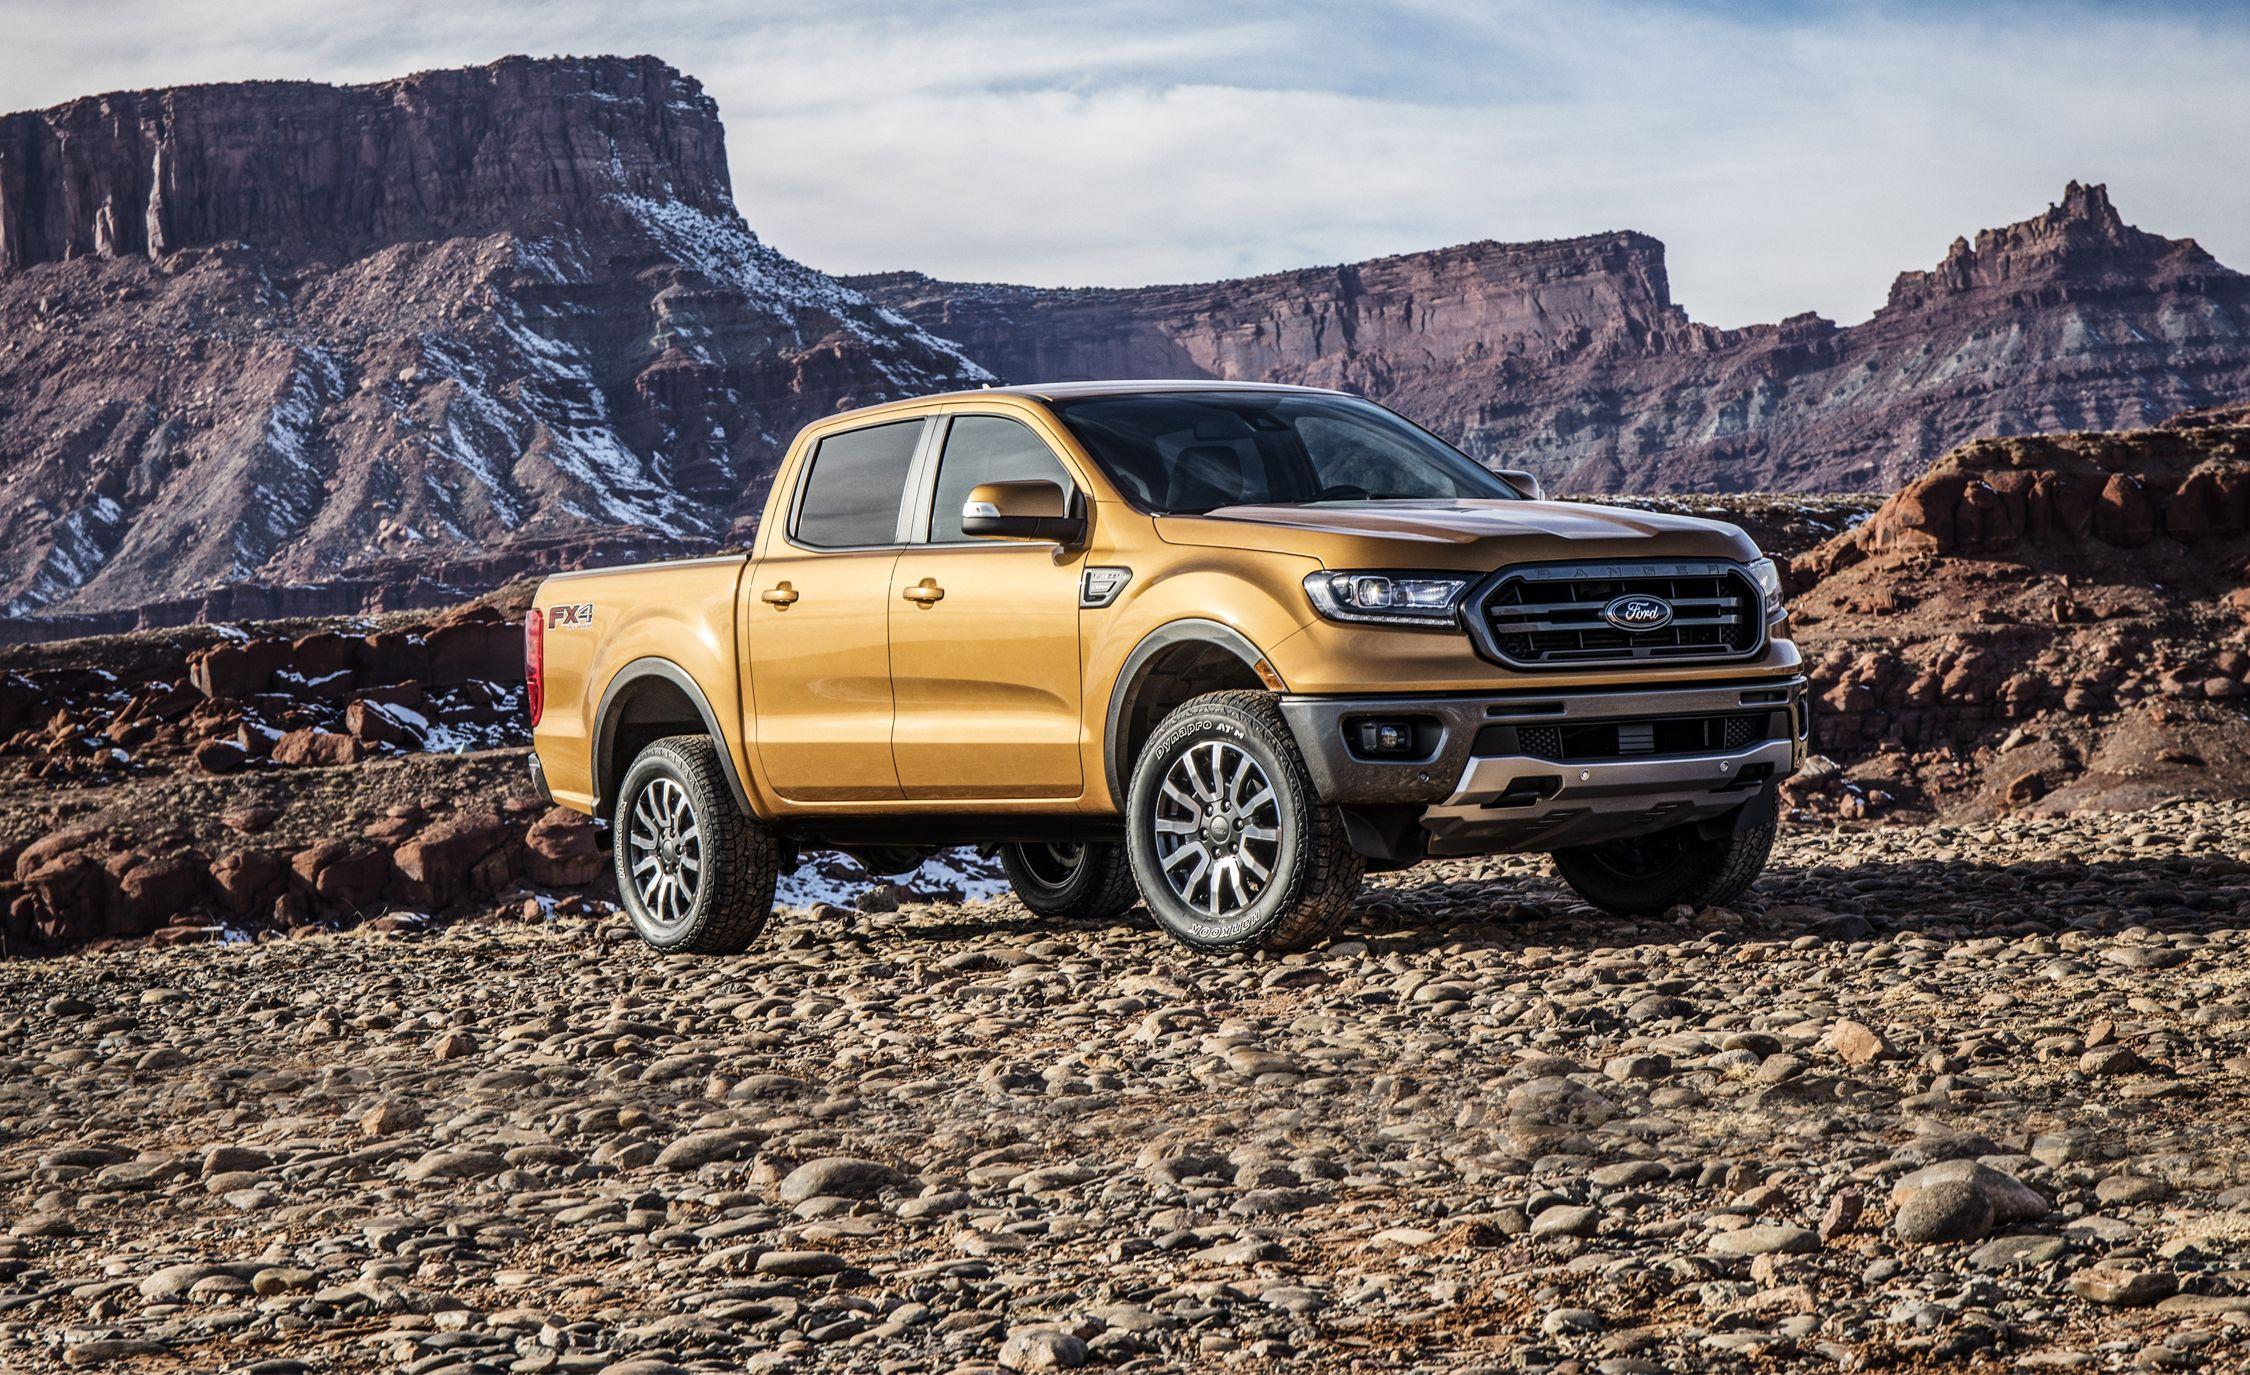 2019 Ford Ranger: The Return of a Beloved Pickup